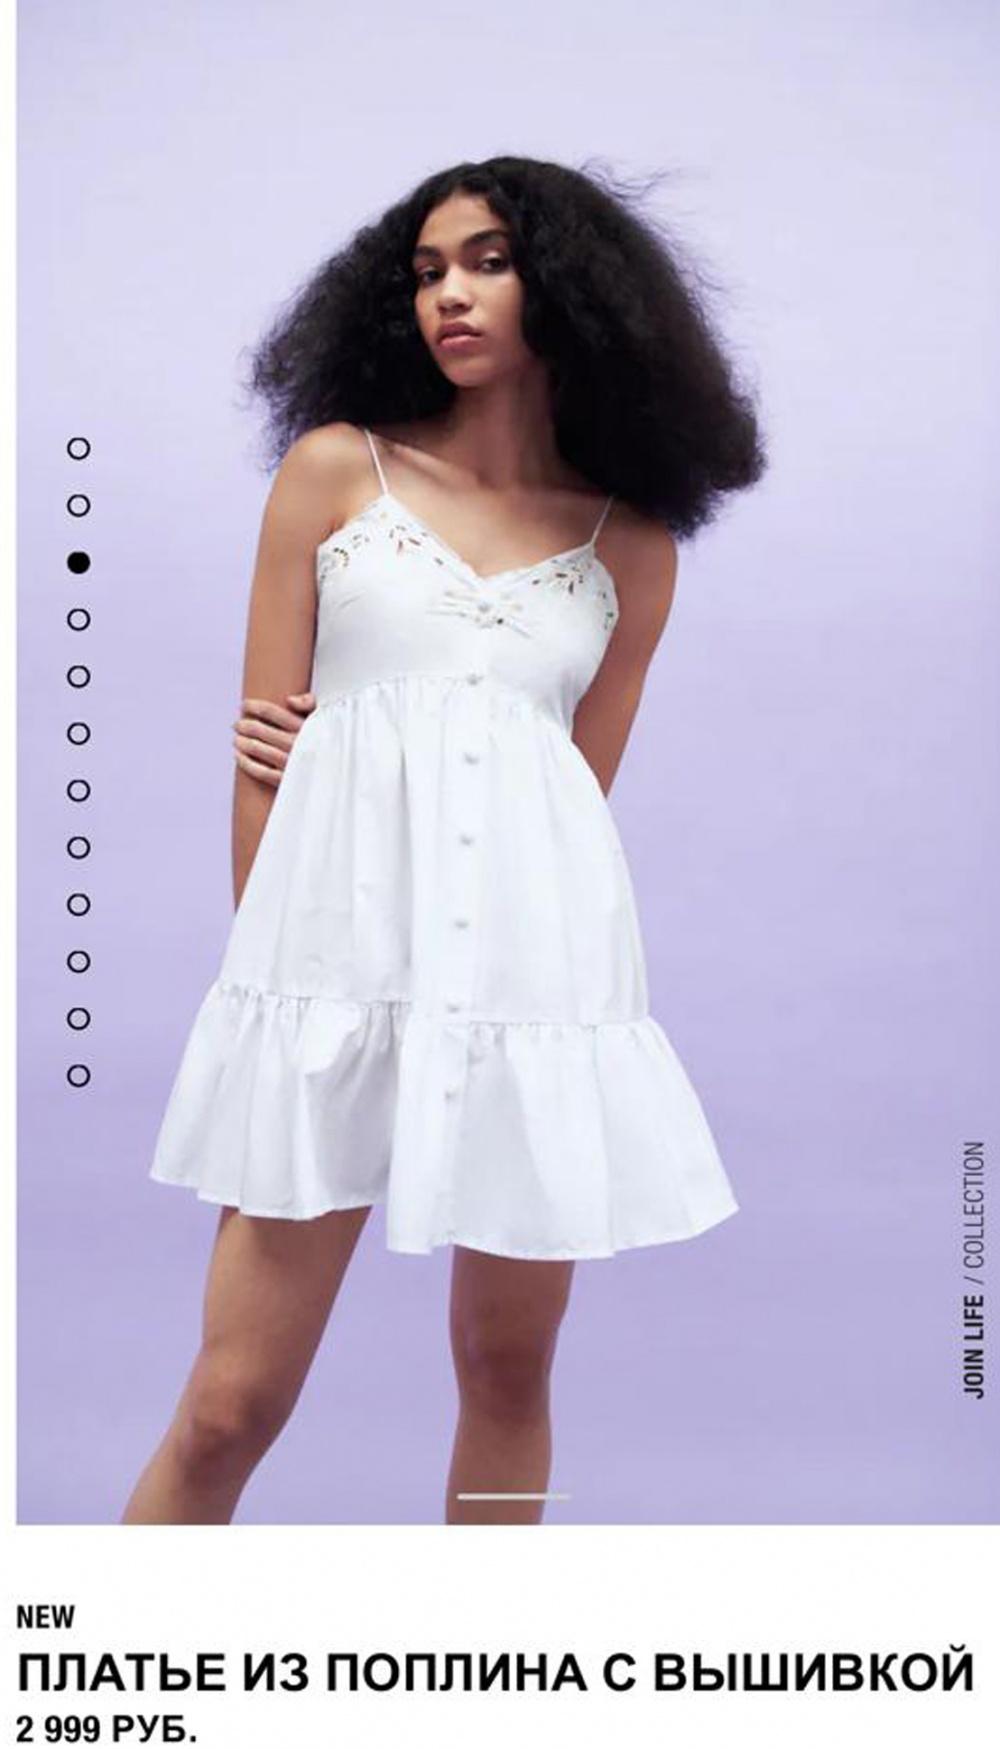 Платье Zara короткое с вышивкой размер М